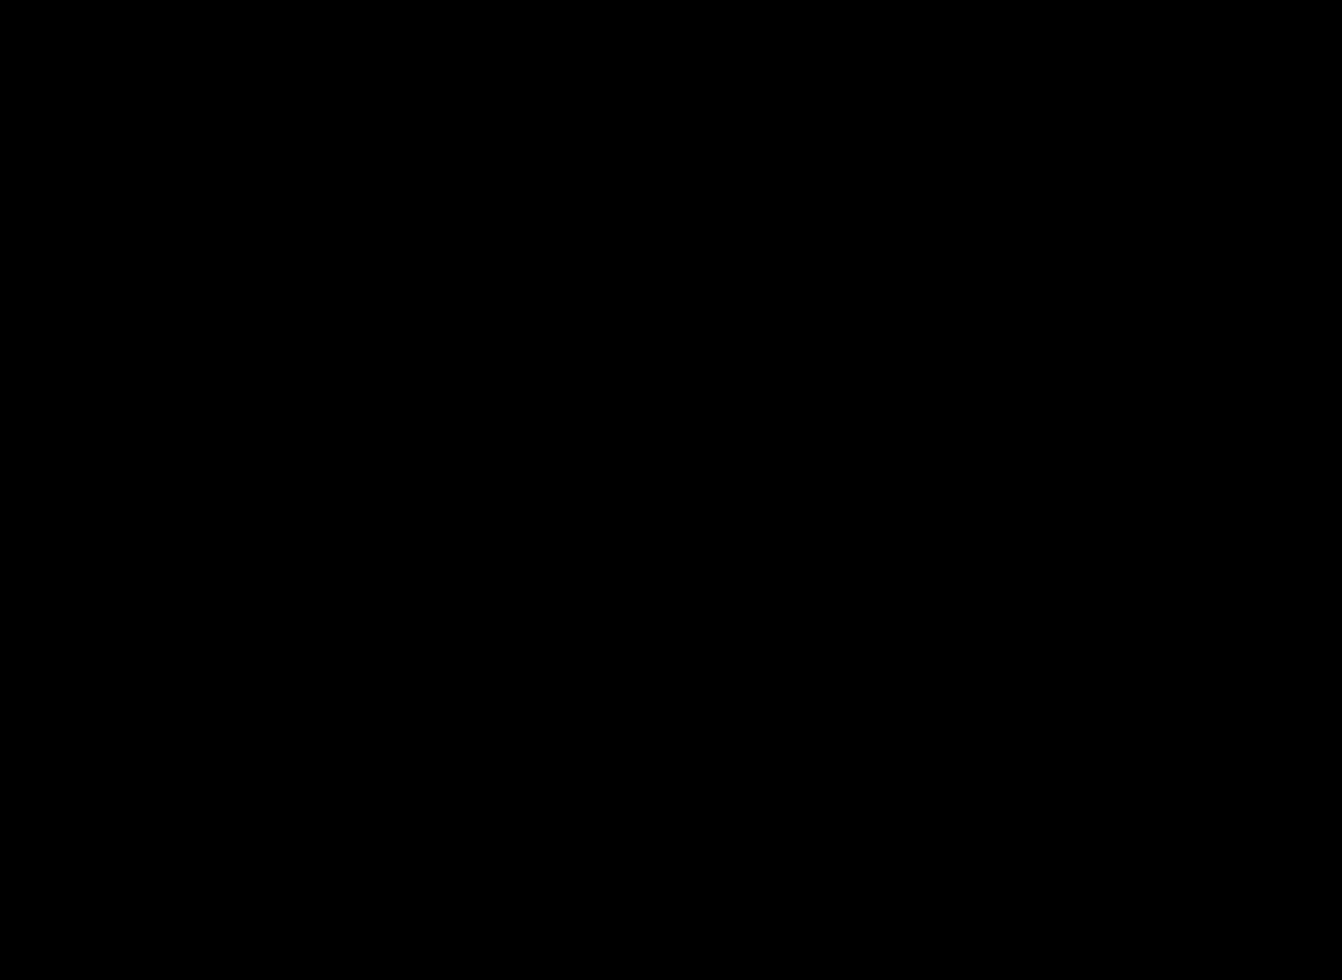 objectif de la caméra png